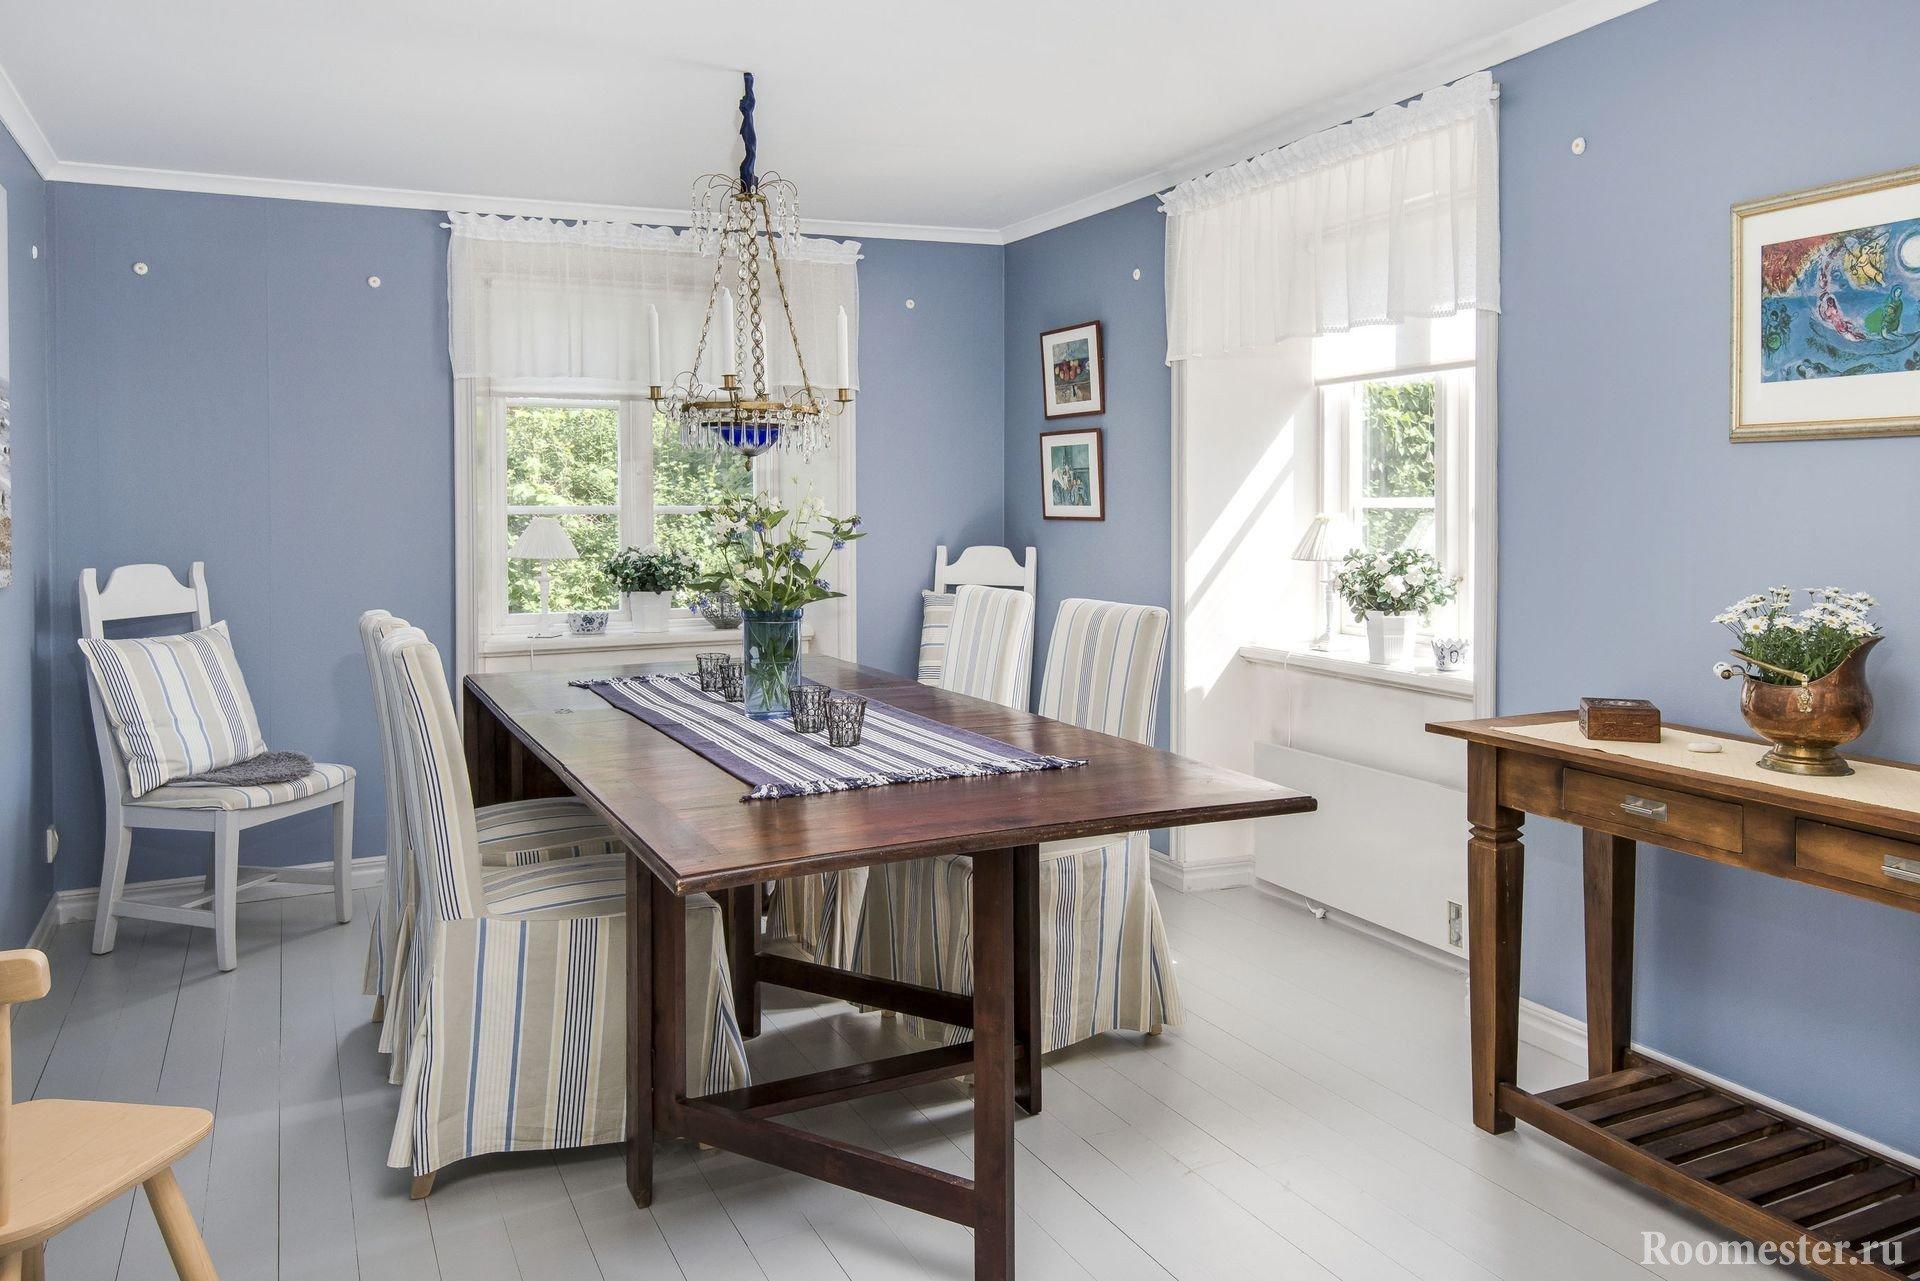 Cовременный дизайн гостиной в хрущевке фото и советы